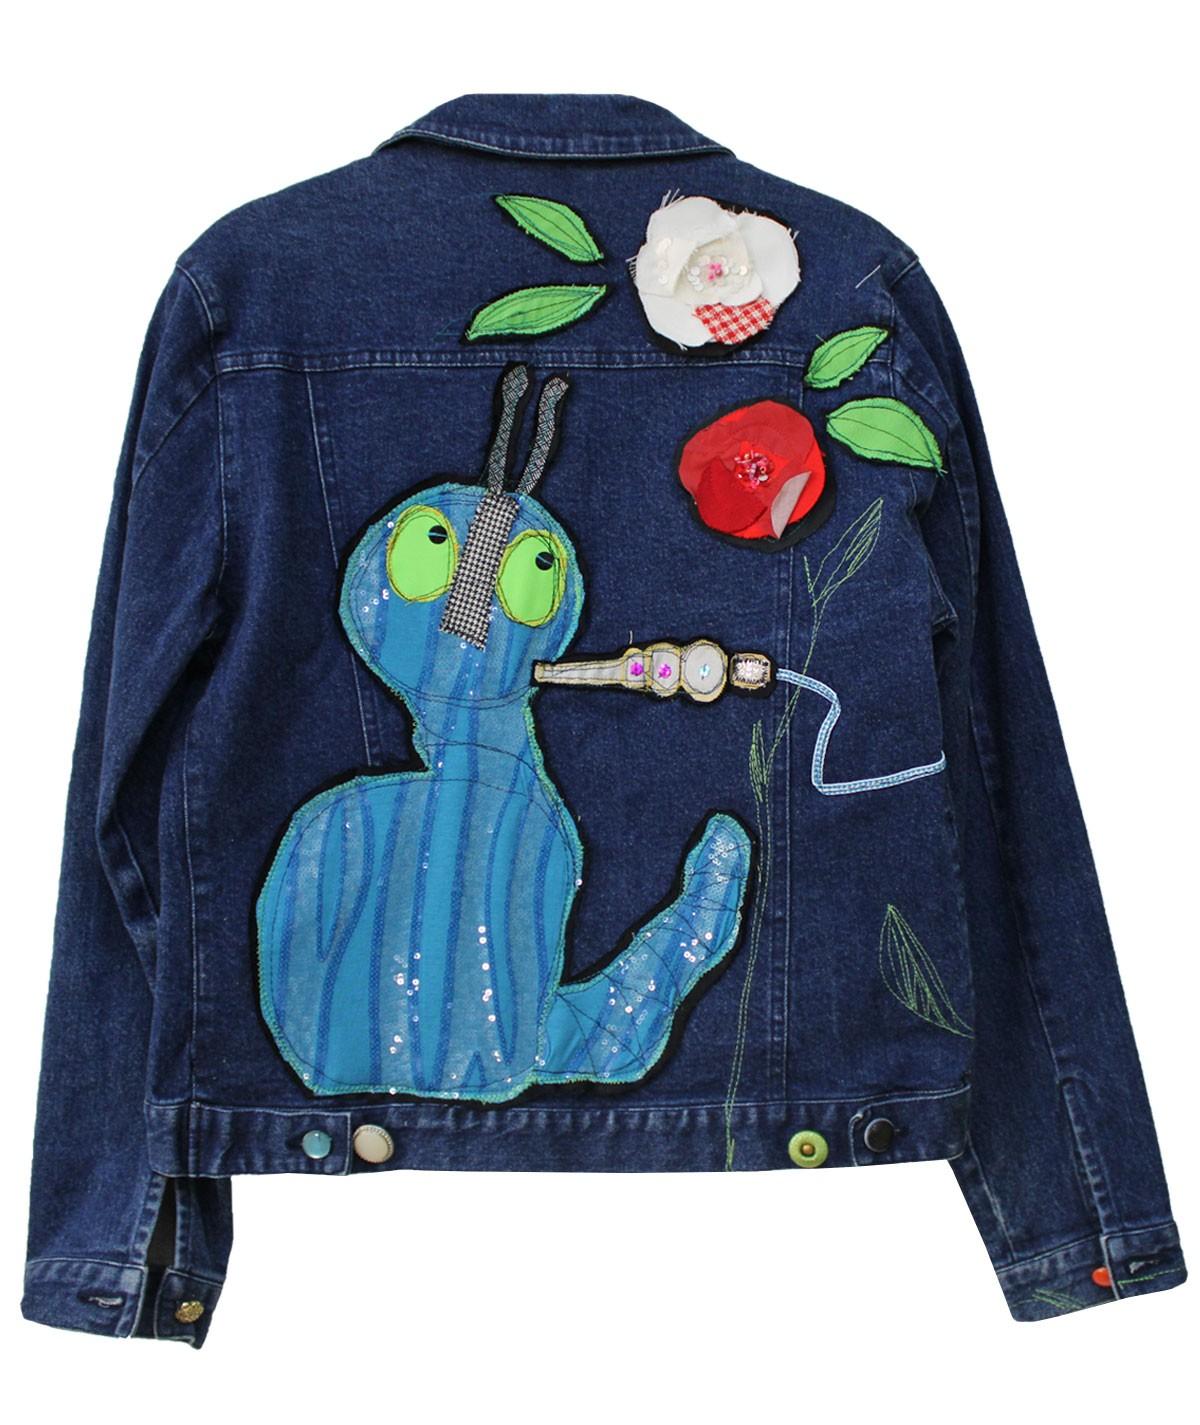 Caterpillar jacket - unique...